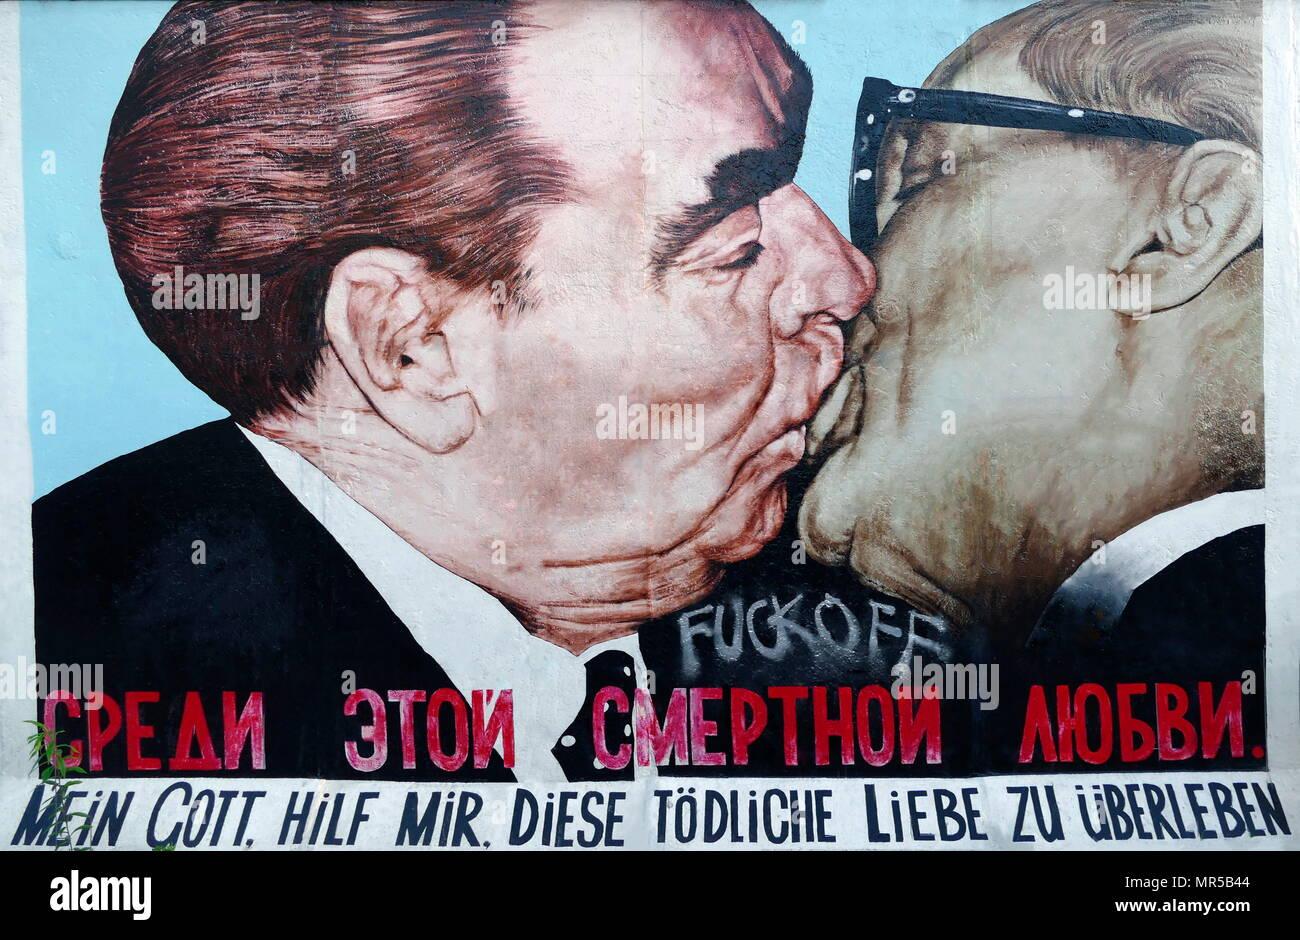 Fotografia di graffiti sul muro di Berlino raffigurante Leonid Brezhnev (1906-1982) l'ex Segretario Generale del Comitato Centrale del Partito Comunista dell'Unione Sovietica, abbracciando Erich Honneker (1912-1994) un politico tedesco, che come Segretario Generale del Partito socialista unitario, ha portato la Repubblica Democratica Tedesca dal 1971 fino a quando le settimane precedenti la caduta del muro di Berlino . Recante la data del XXI secolo Immagini Stock